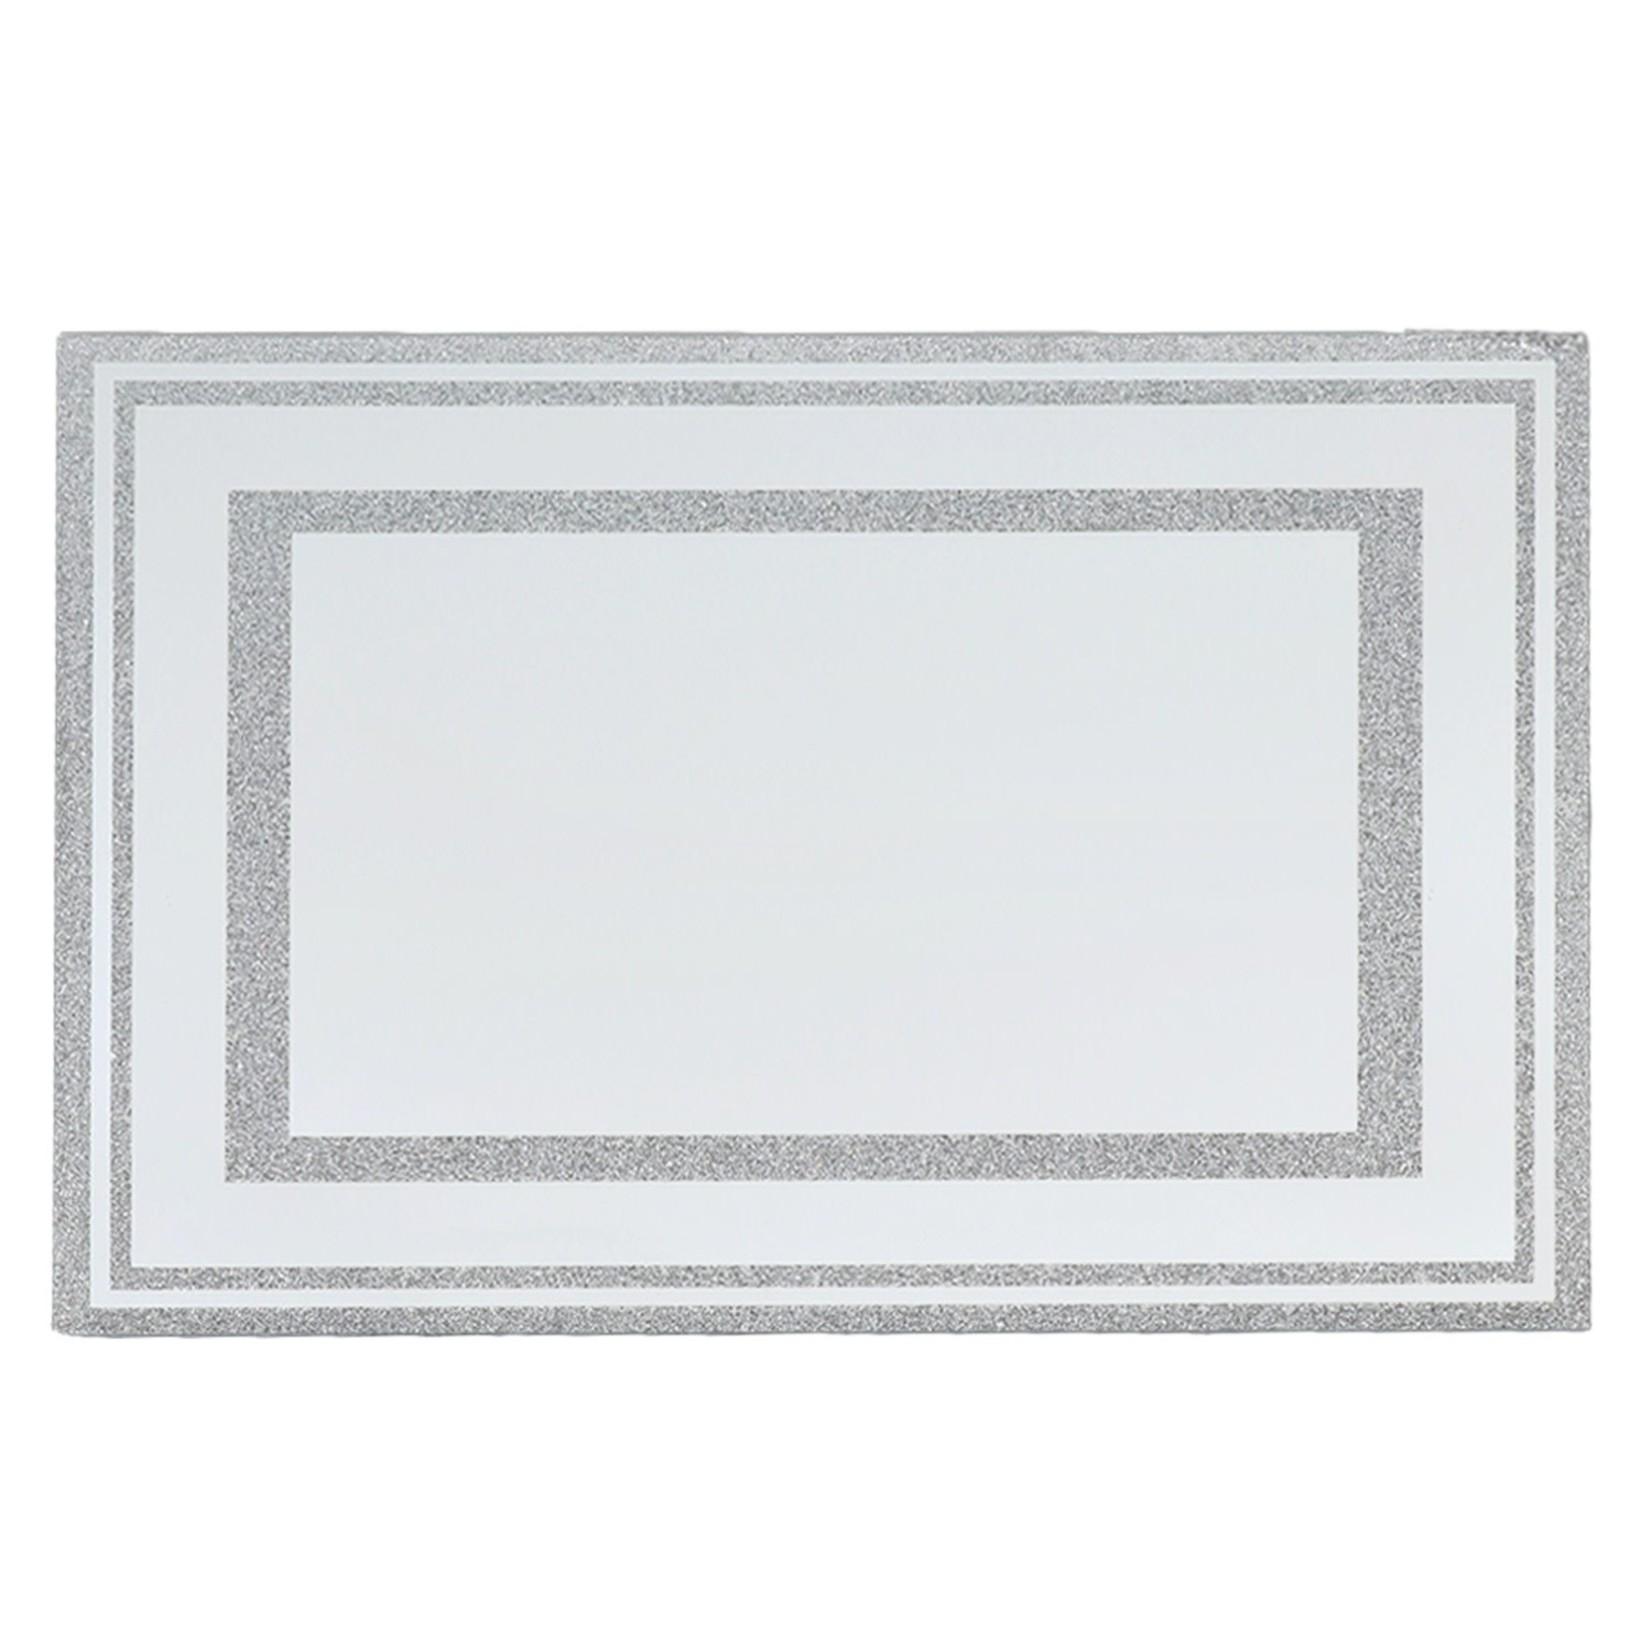 18000 Mirror & Silver Glitter Leichter tray